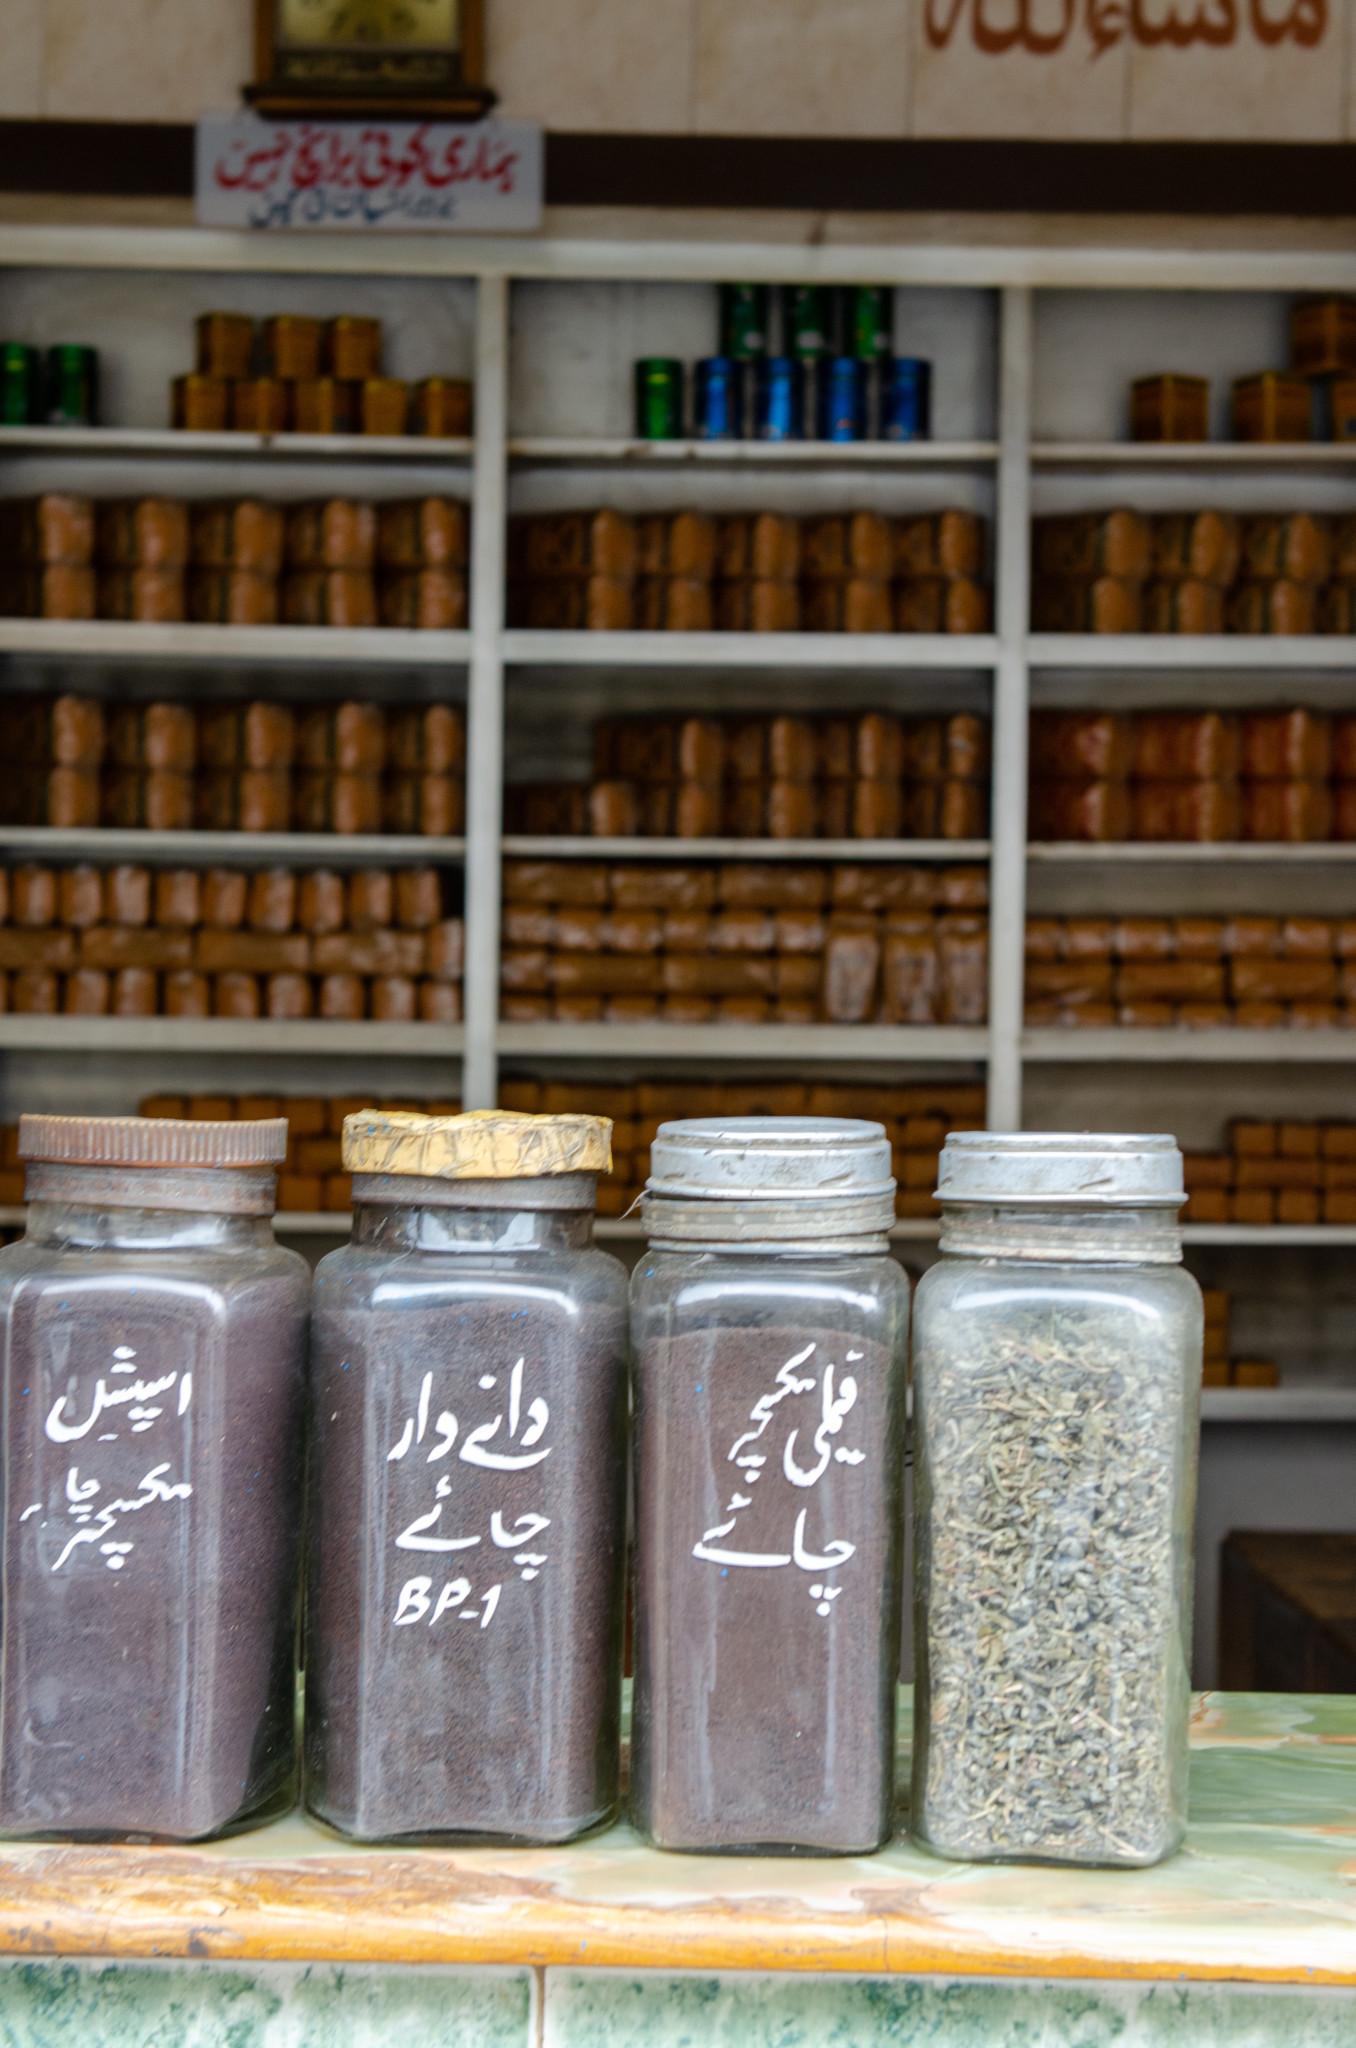 Gewürze kann man auf dem Bohra Bazaar in Karatschi gut kaufen